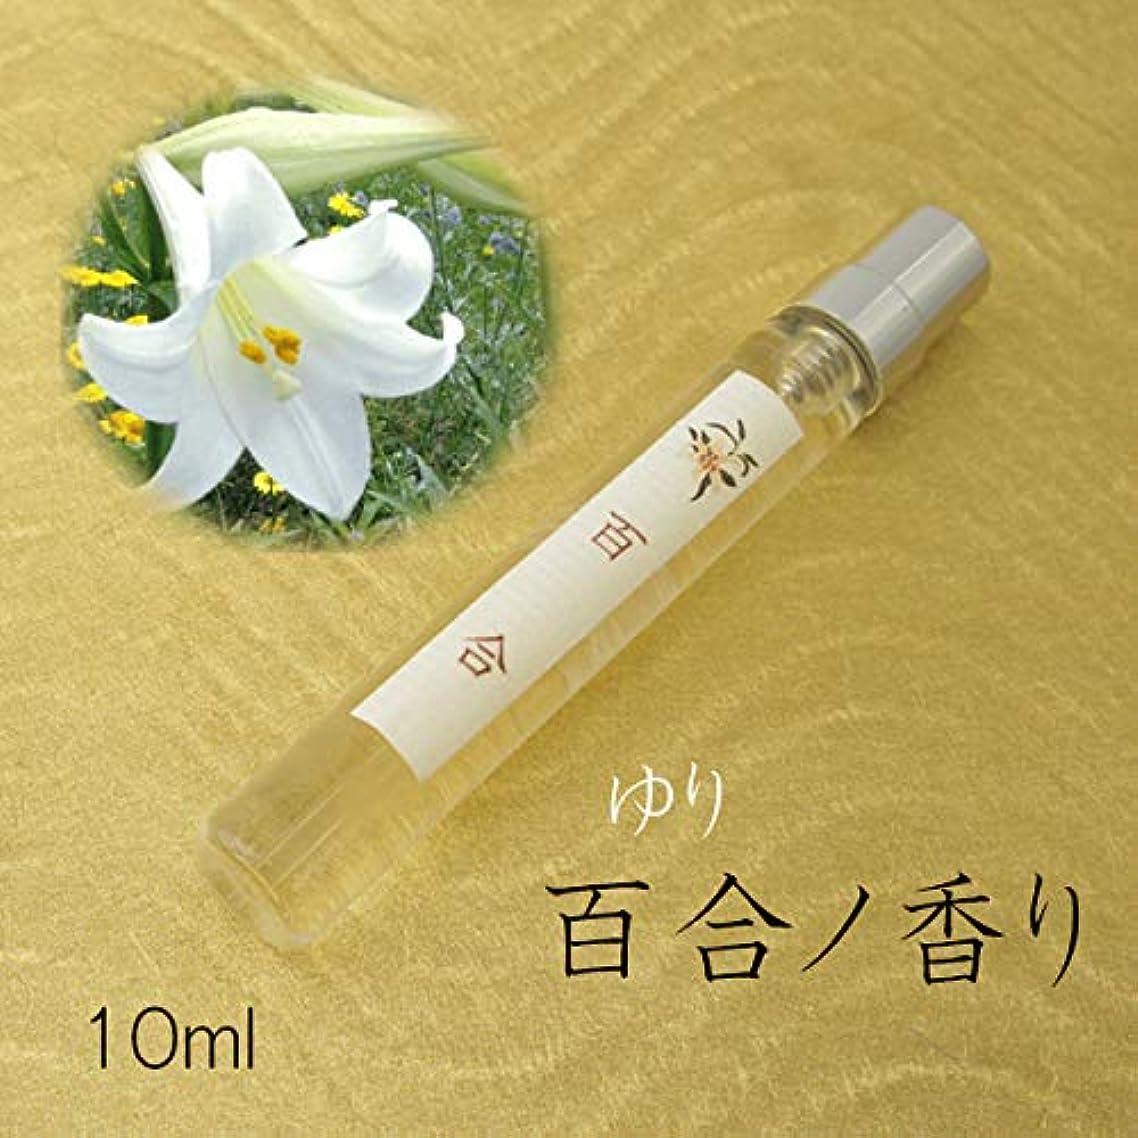 豆腐やめる教育和香水「そこに花ノ香シリーズ」10ml (百合)